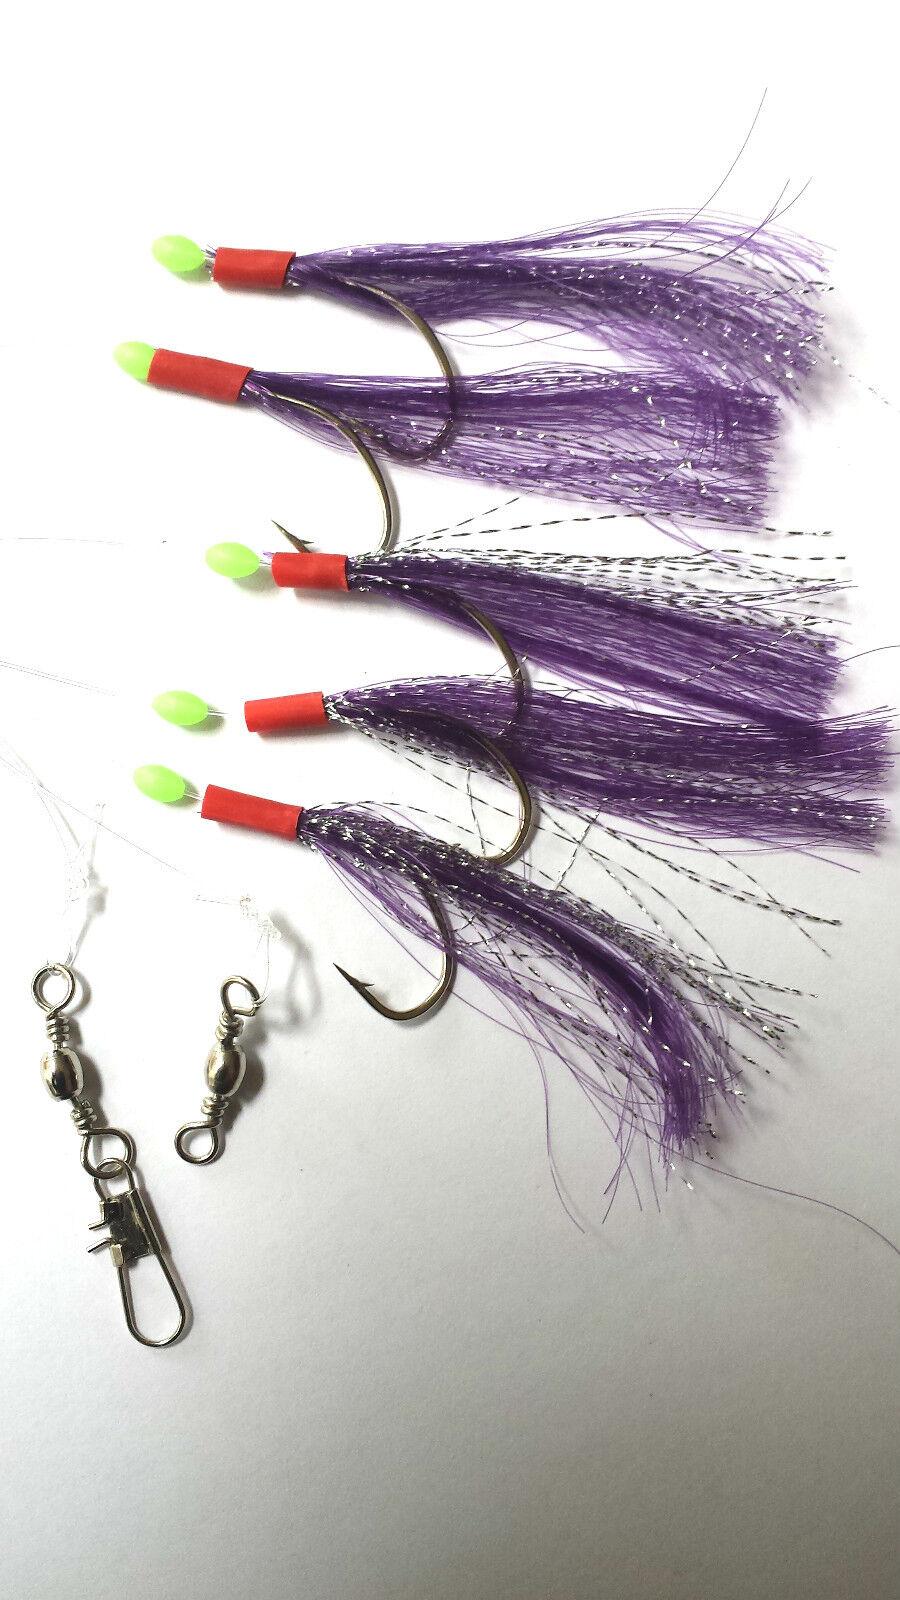 5 Crochets Violet Flasheur Ligne (5 Paquets) /Goberge/Bateau/ Maquereau/Bass /Goberge/Bateau/ Paquets) 83e84f